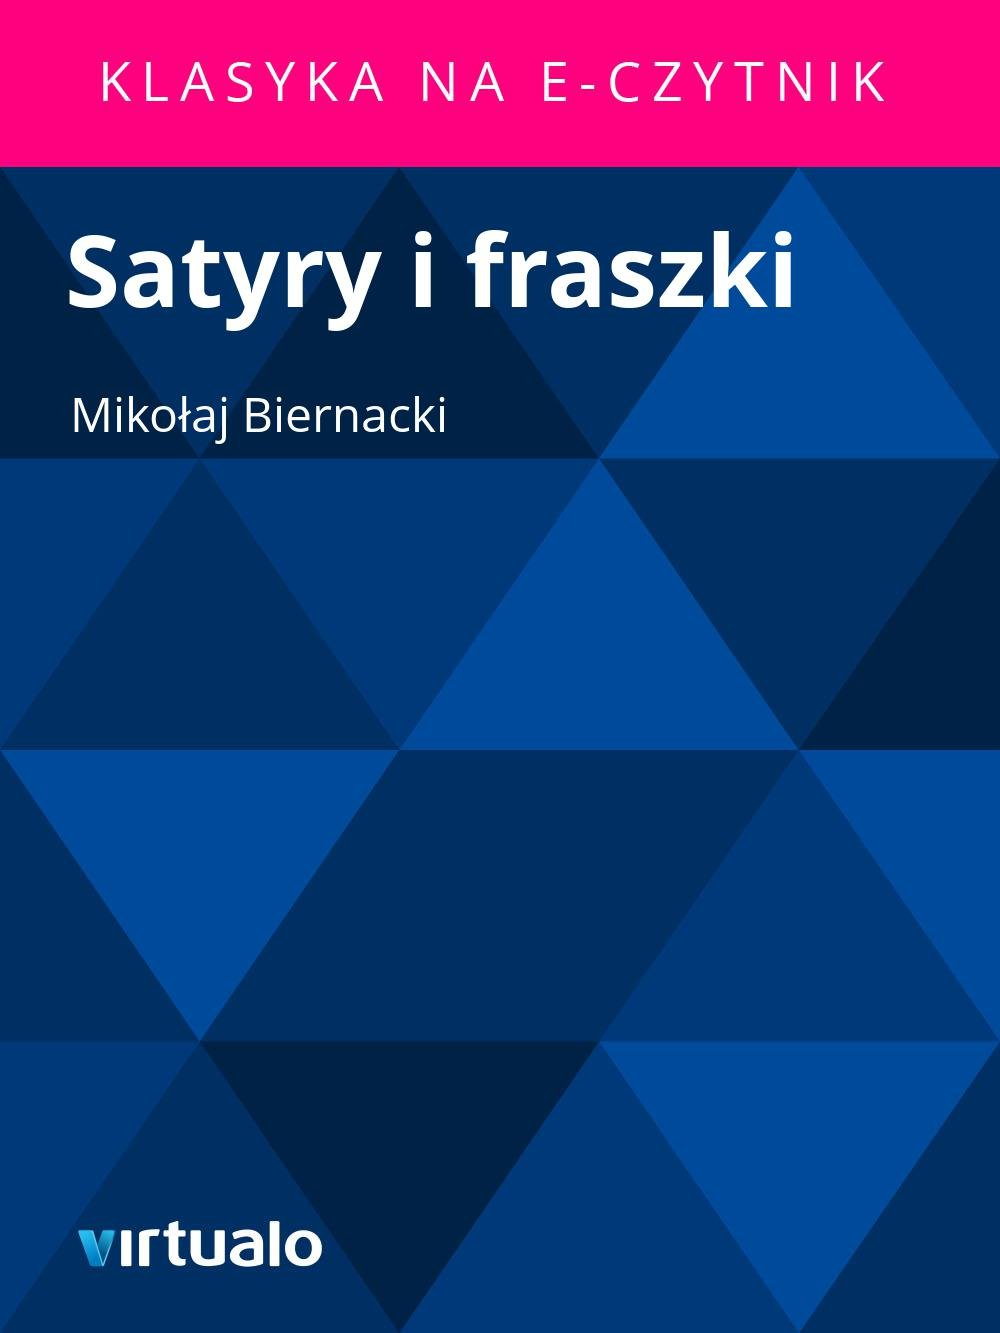 Satyry i fraszki - Ebook (Książka EPUB) do pobrania w formacie EPUB